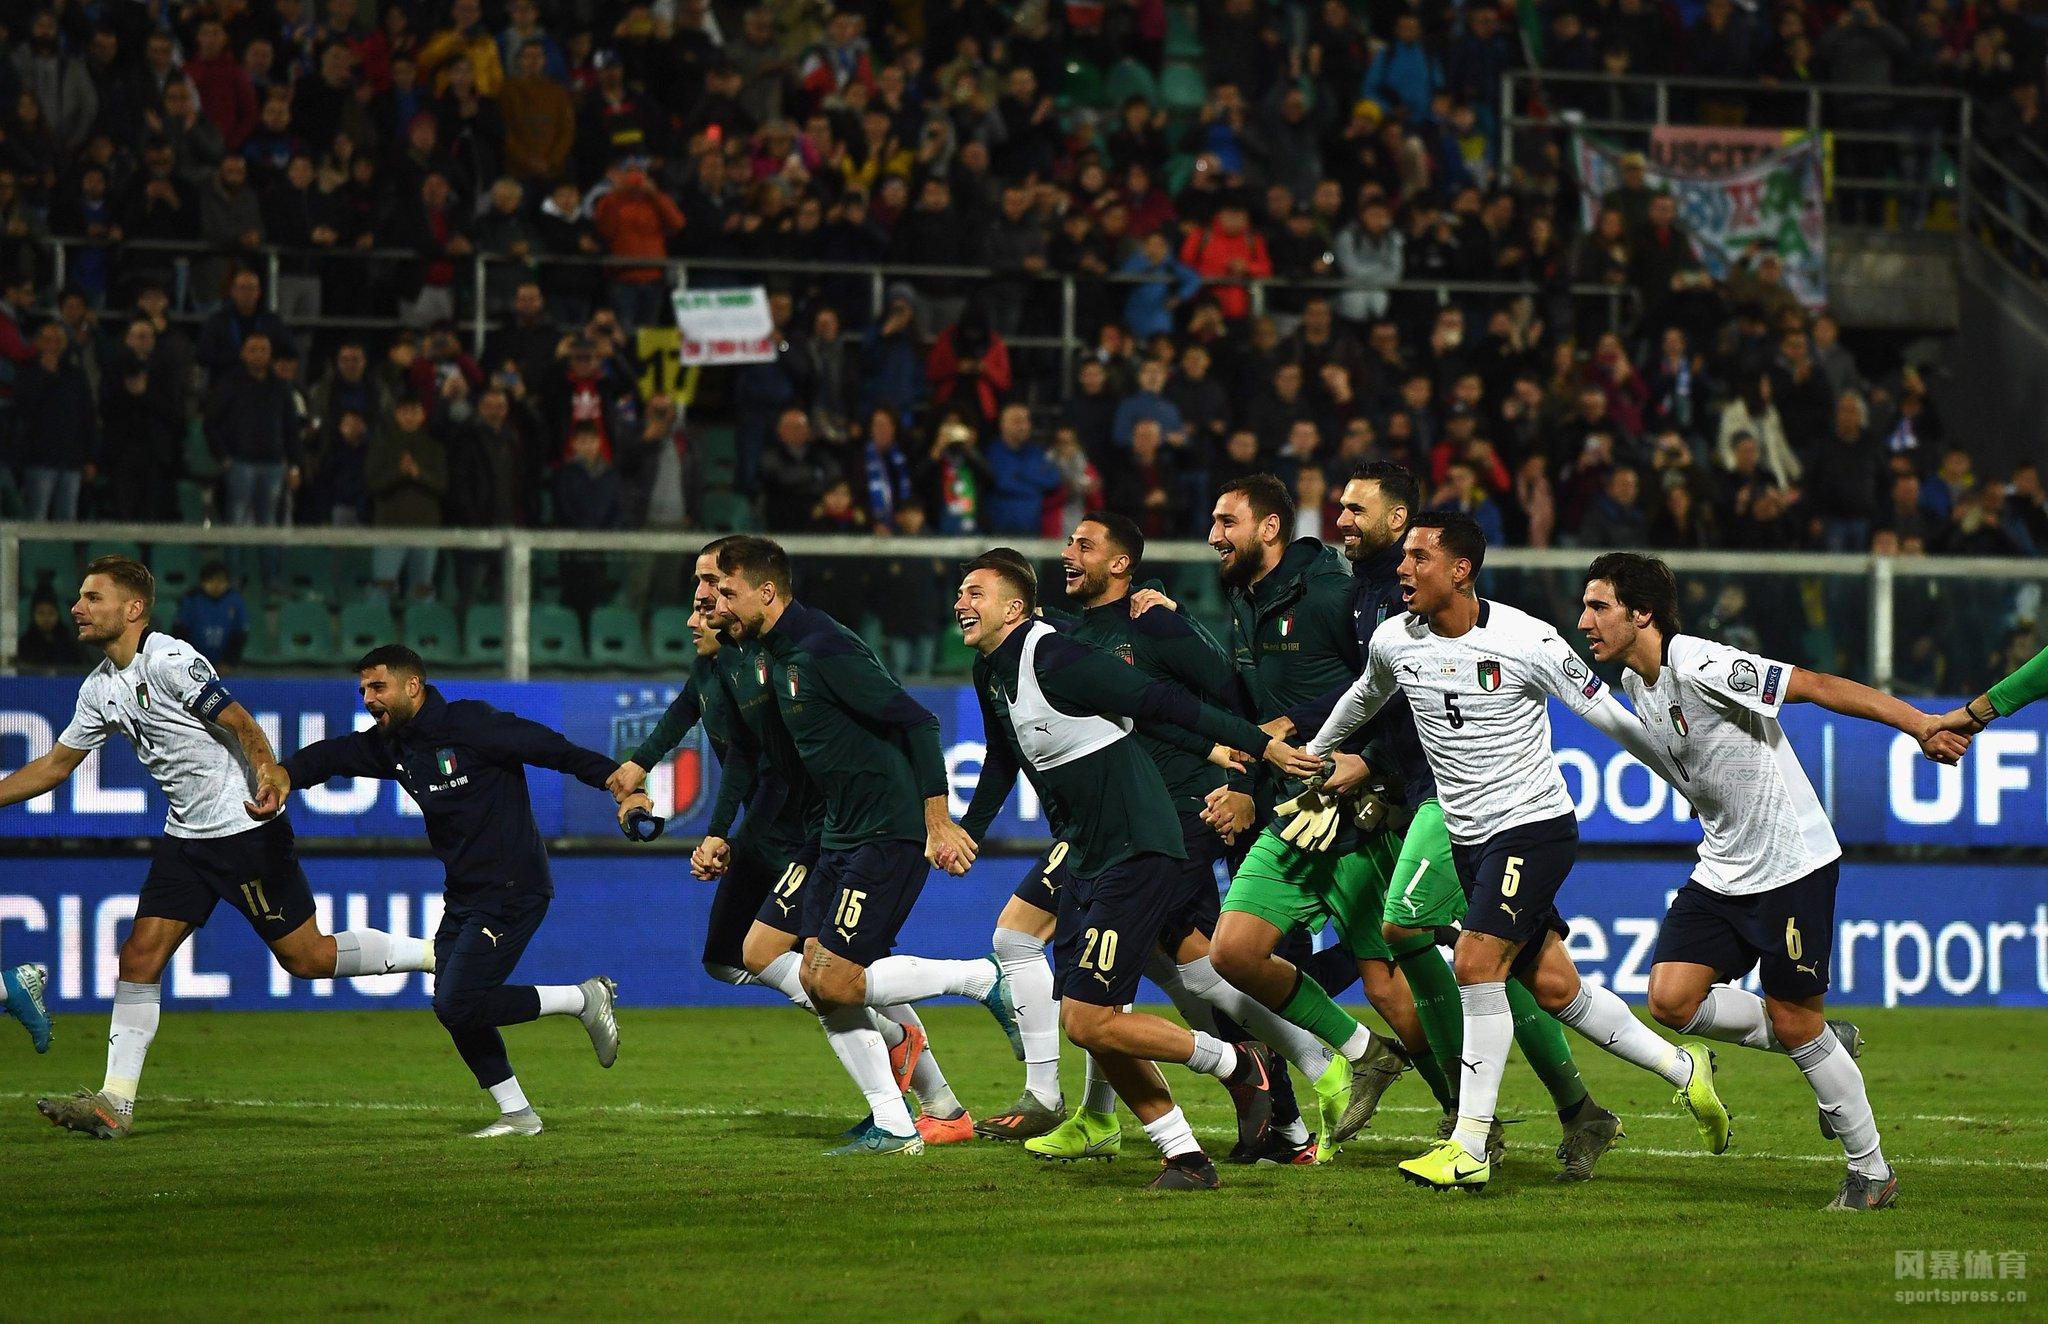 2020年欧洲杯预选赛继续进行,意大利主场迎战亚美尼亚。